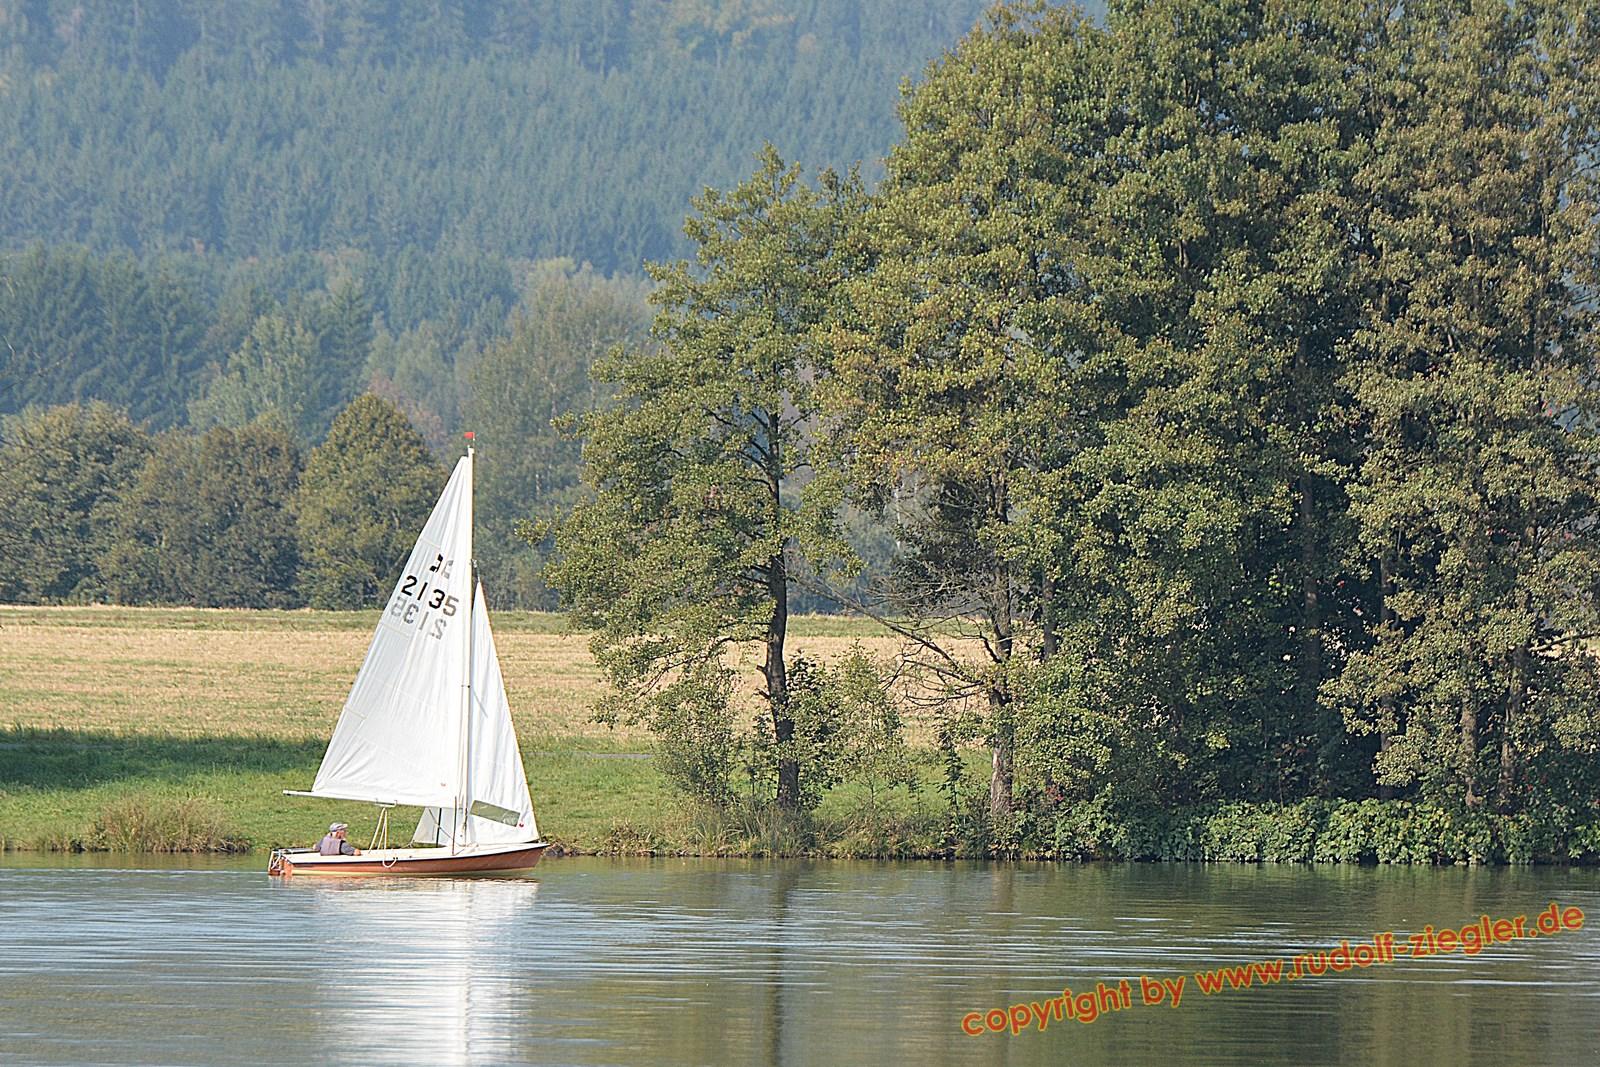 Herbststimmung am See 045-A-S (1600x1200)